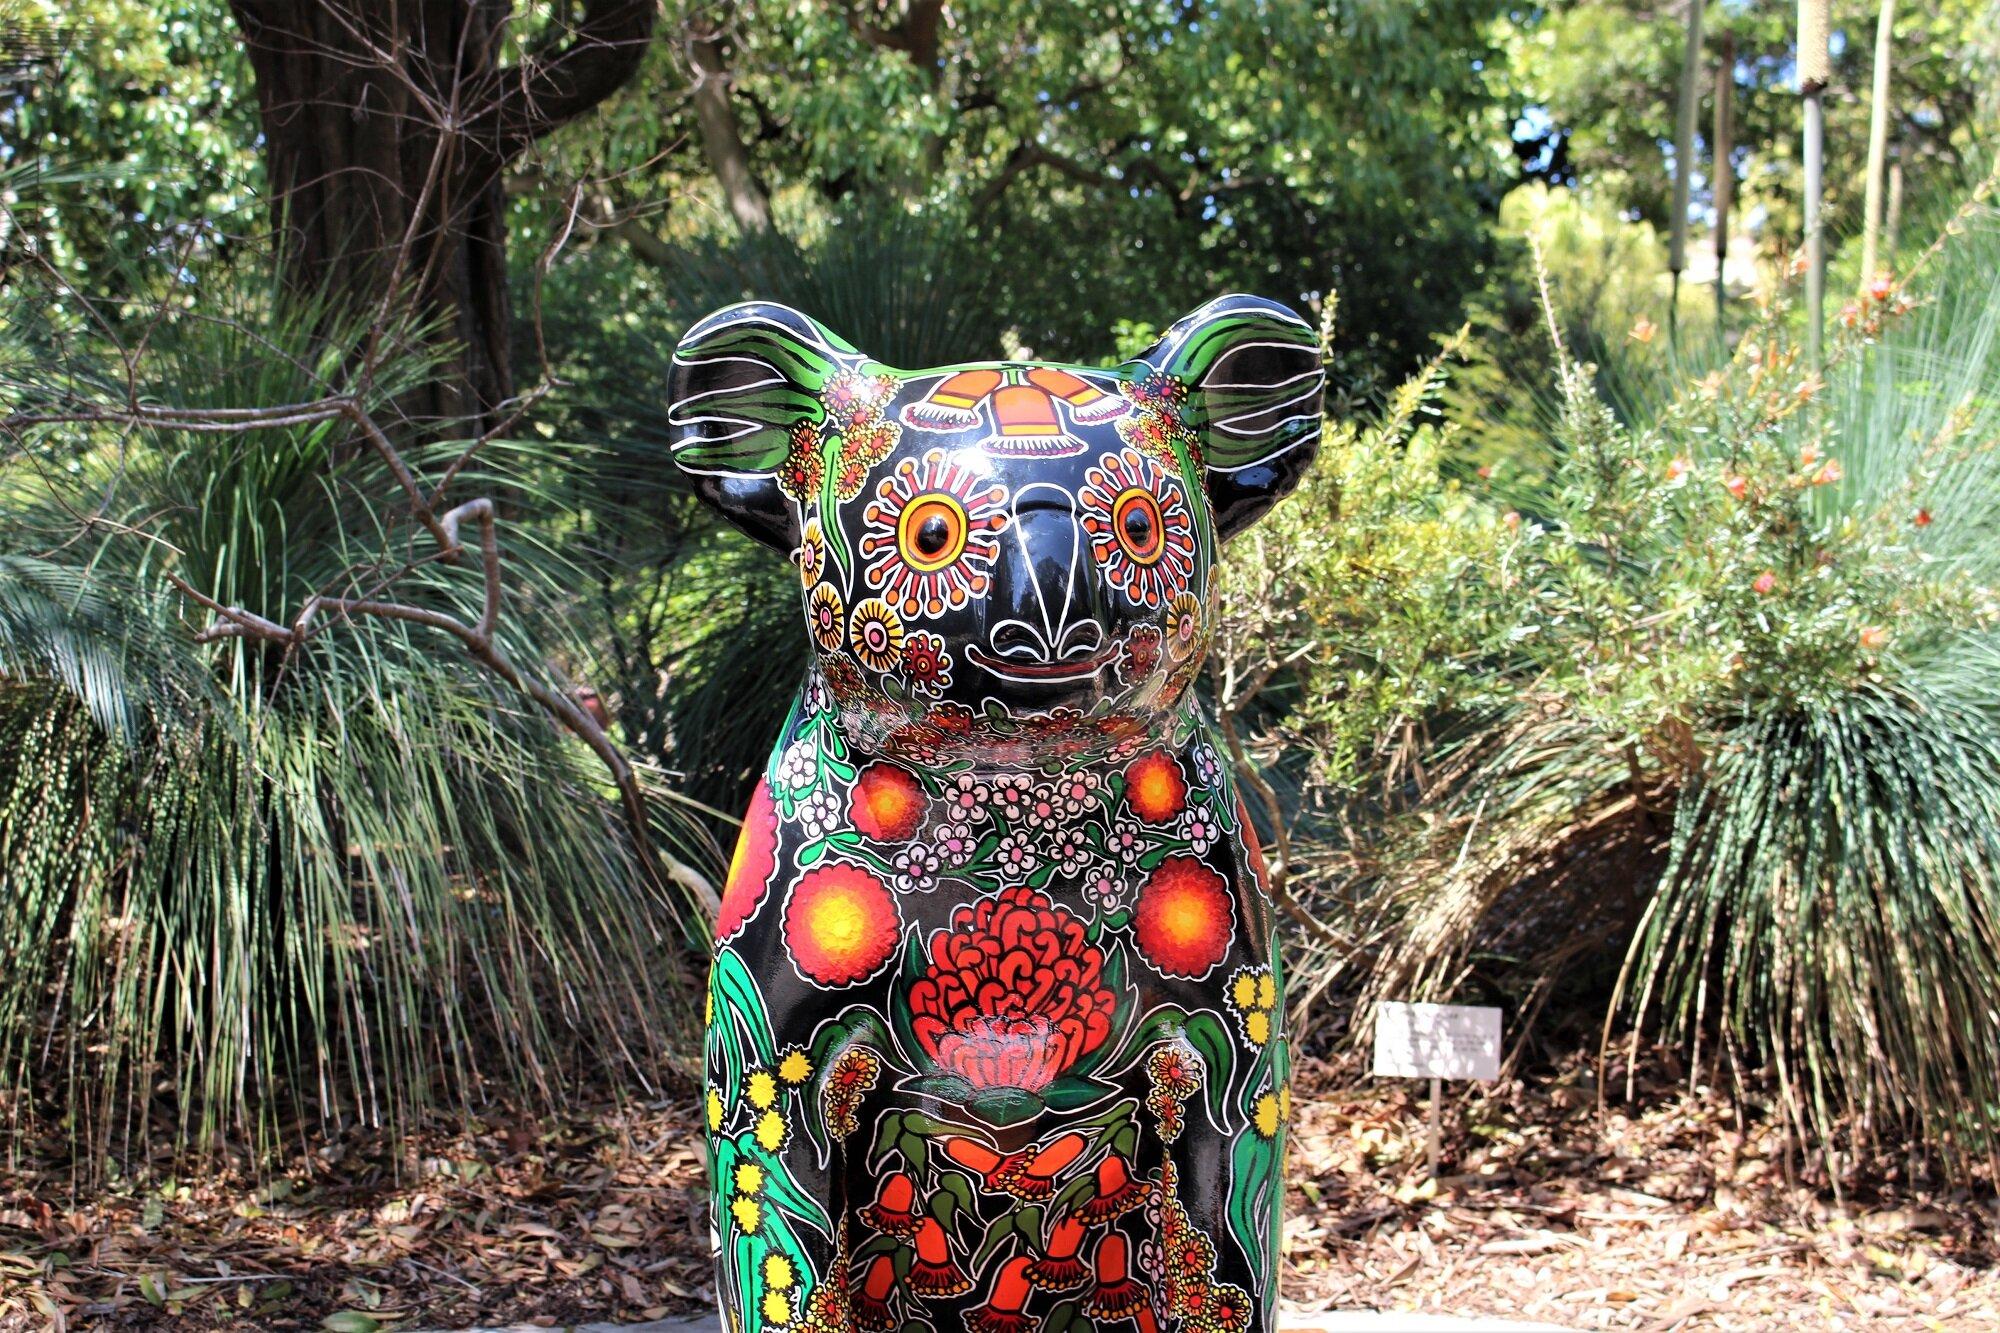 koalasculprbg.jpg